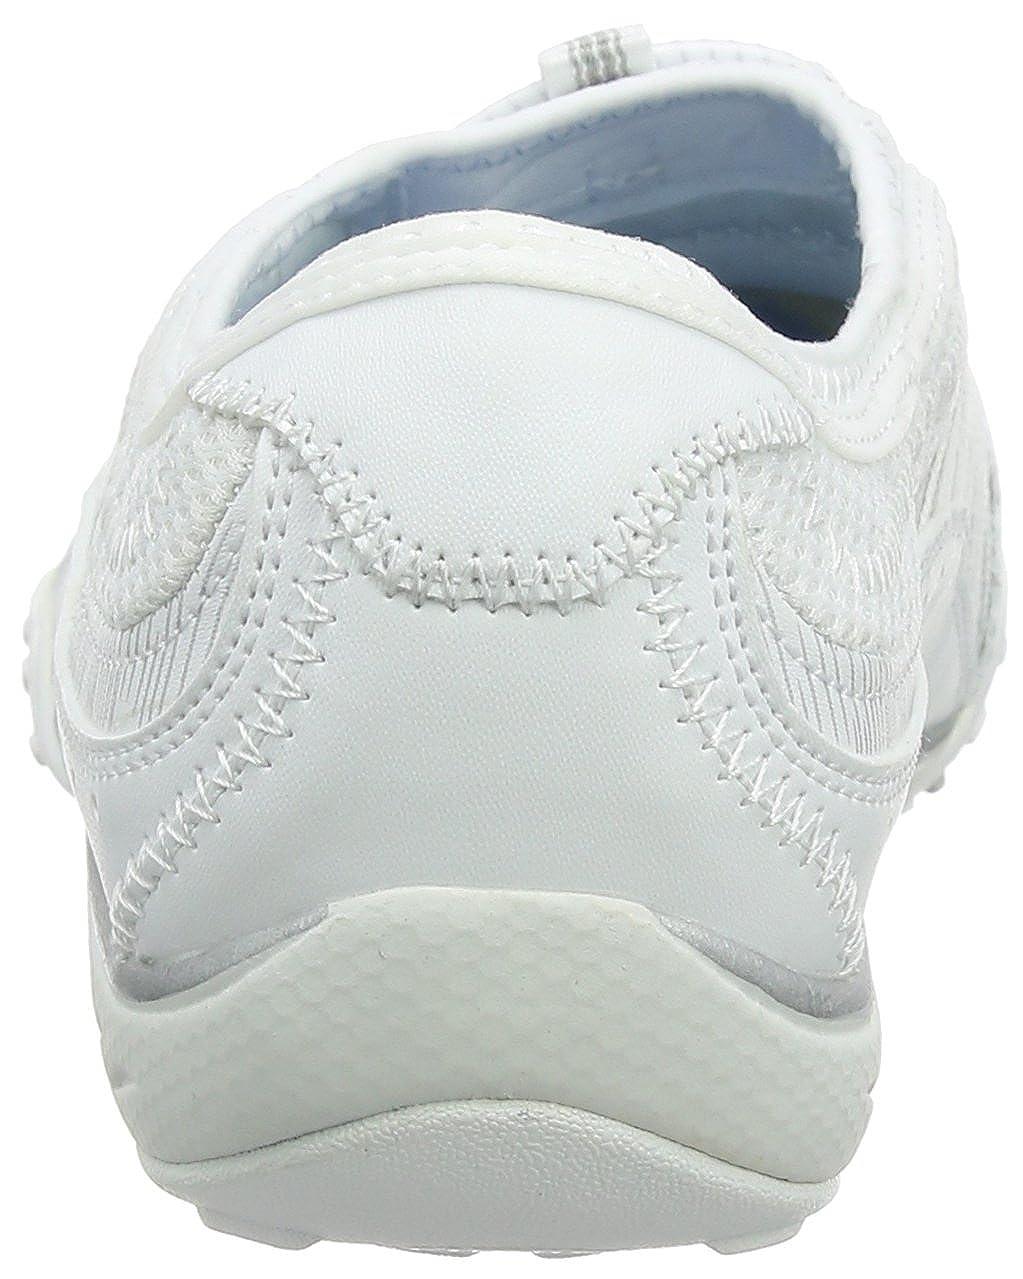 Skechers Damen Breathe Easy - Point Taken Sneaker Weiß (White/Silver)